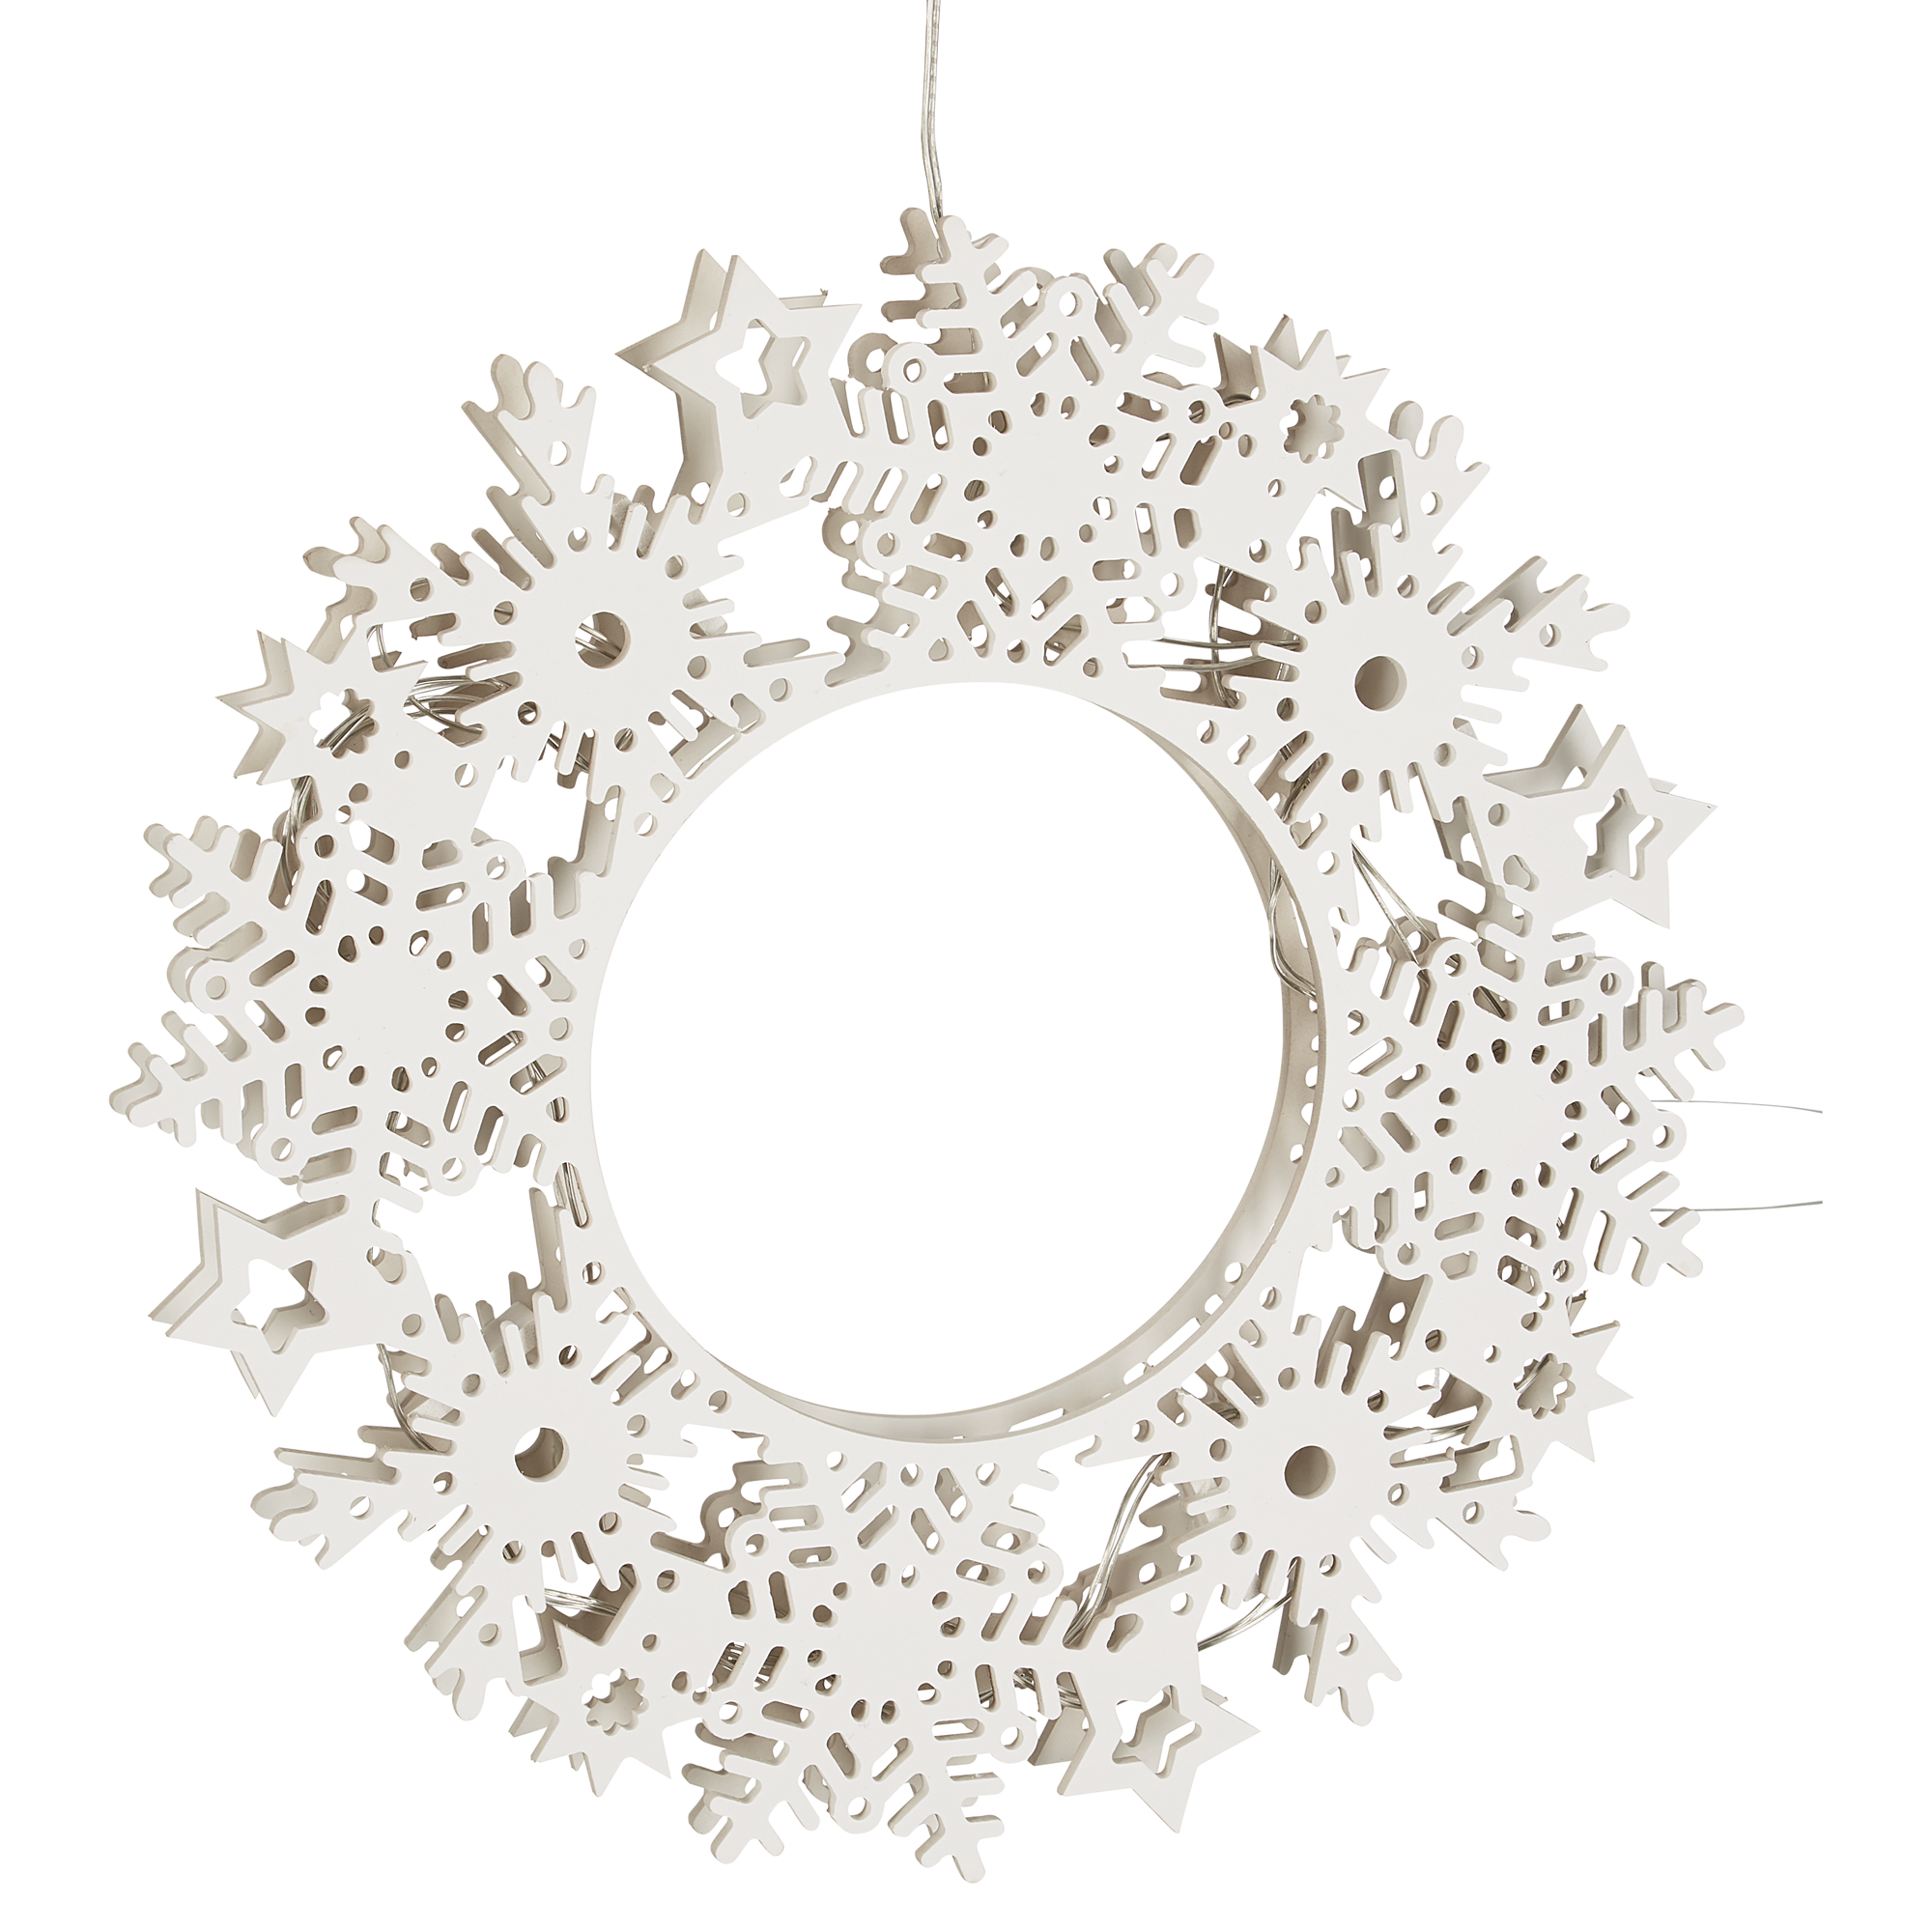 Weihnachtsbeleuchtung Kranz.Weihnachtsbeleuchtung Led Dekokranz Prince Weiß 16 Leds ø 36 Cm